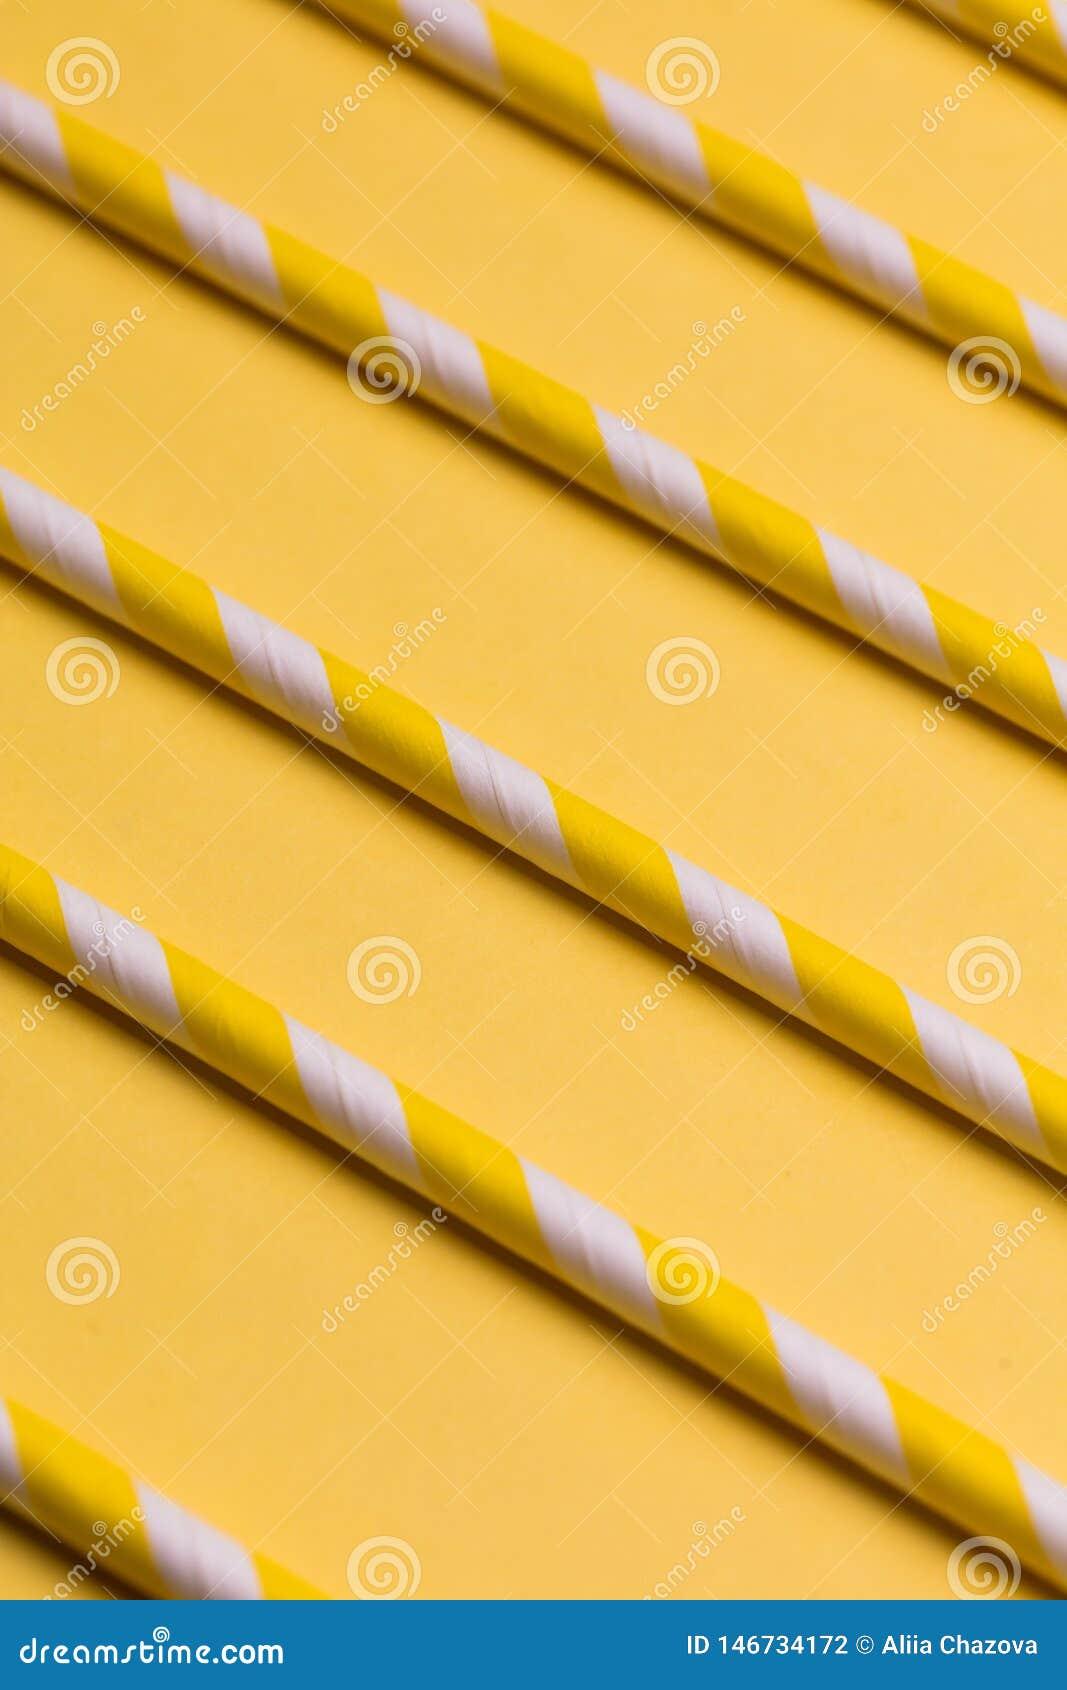 Plantilla abstracta para el dise?o palillos amarillos que mienten uno al lado del otro